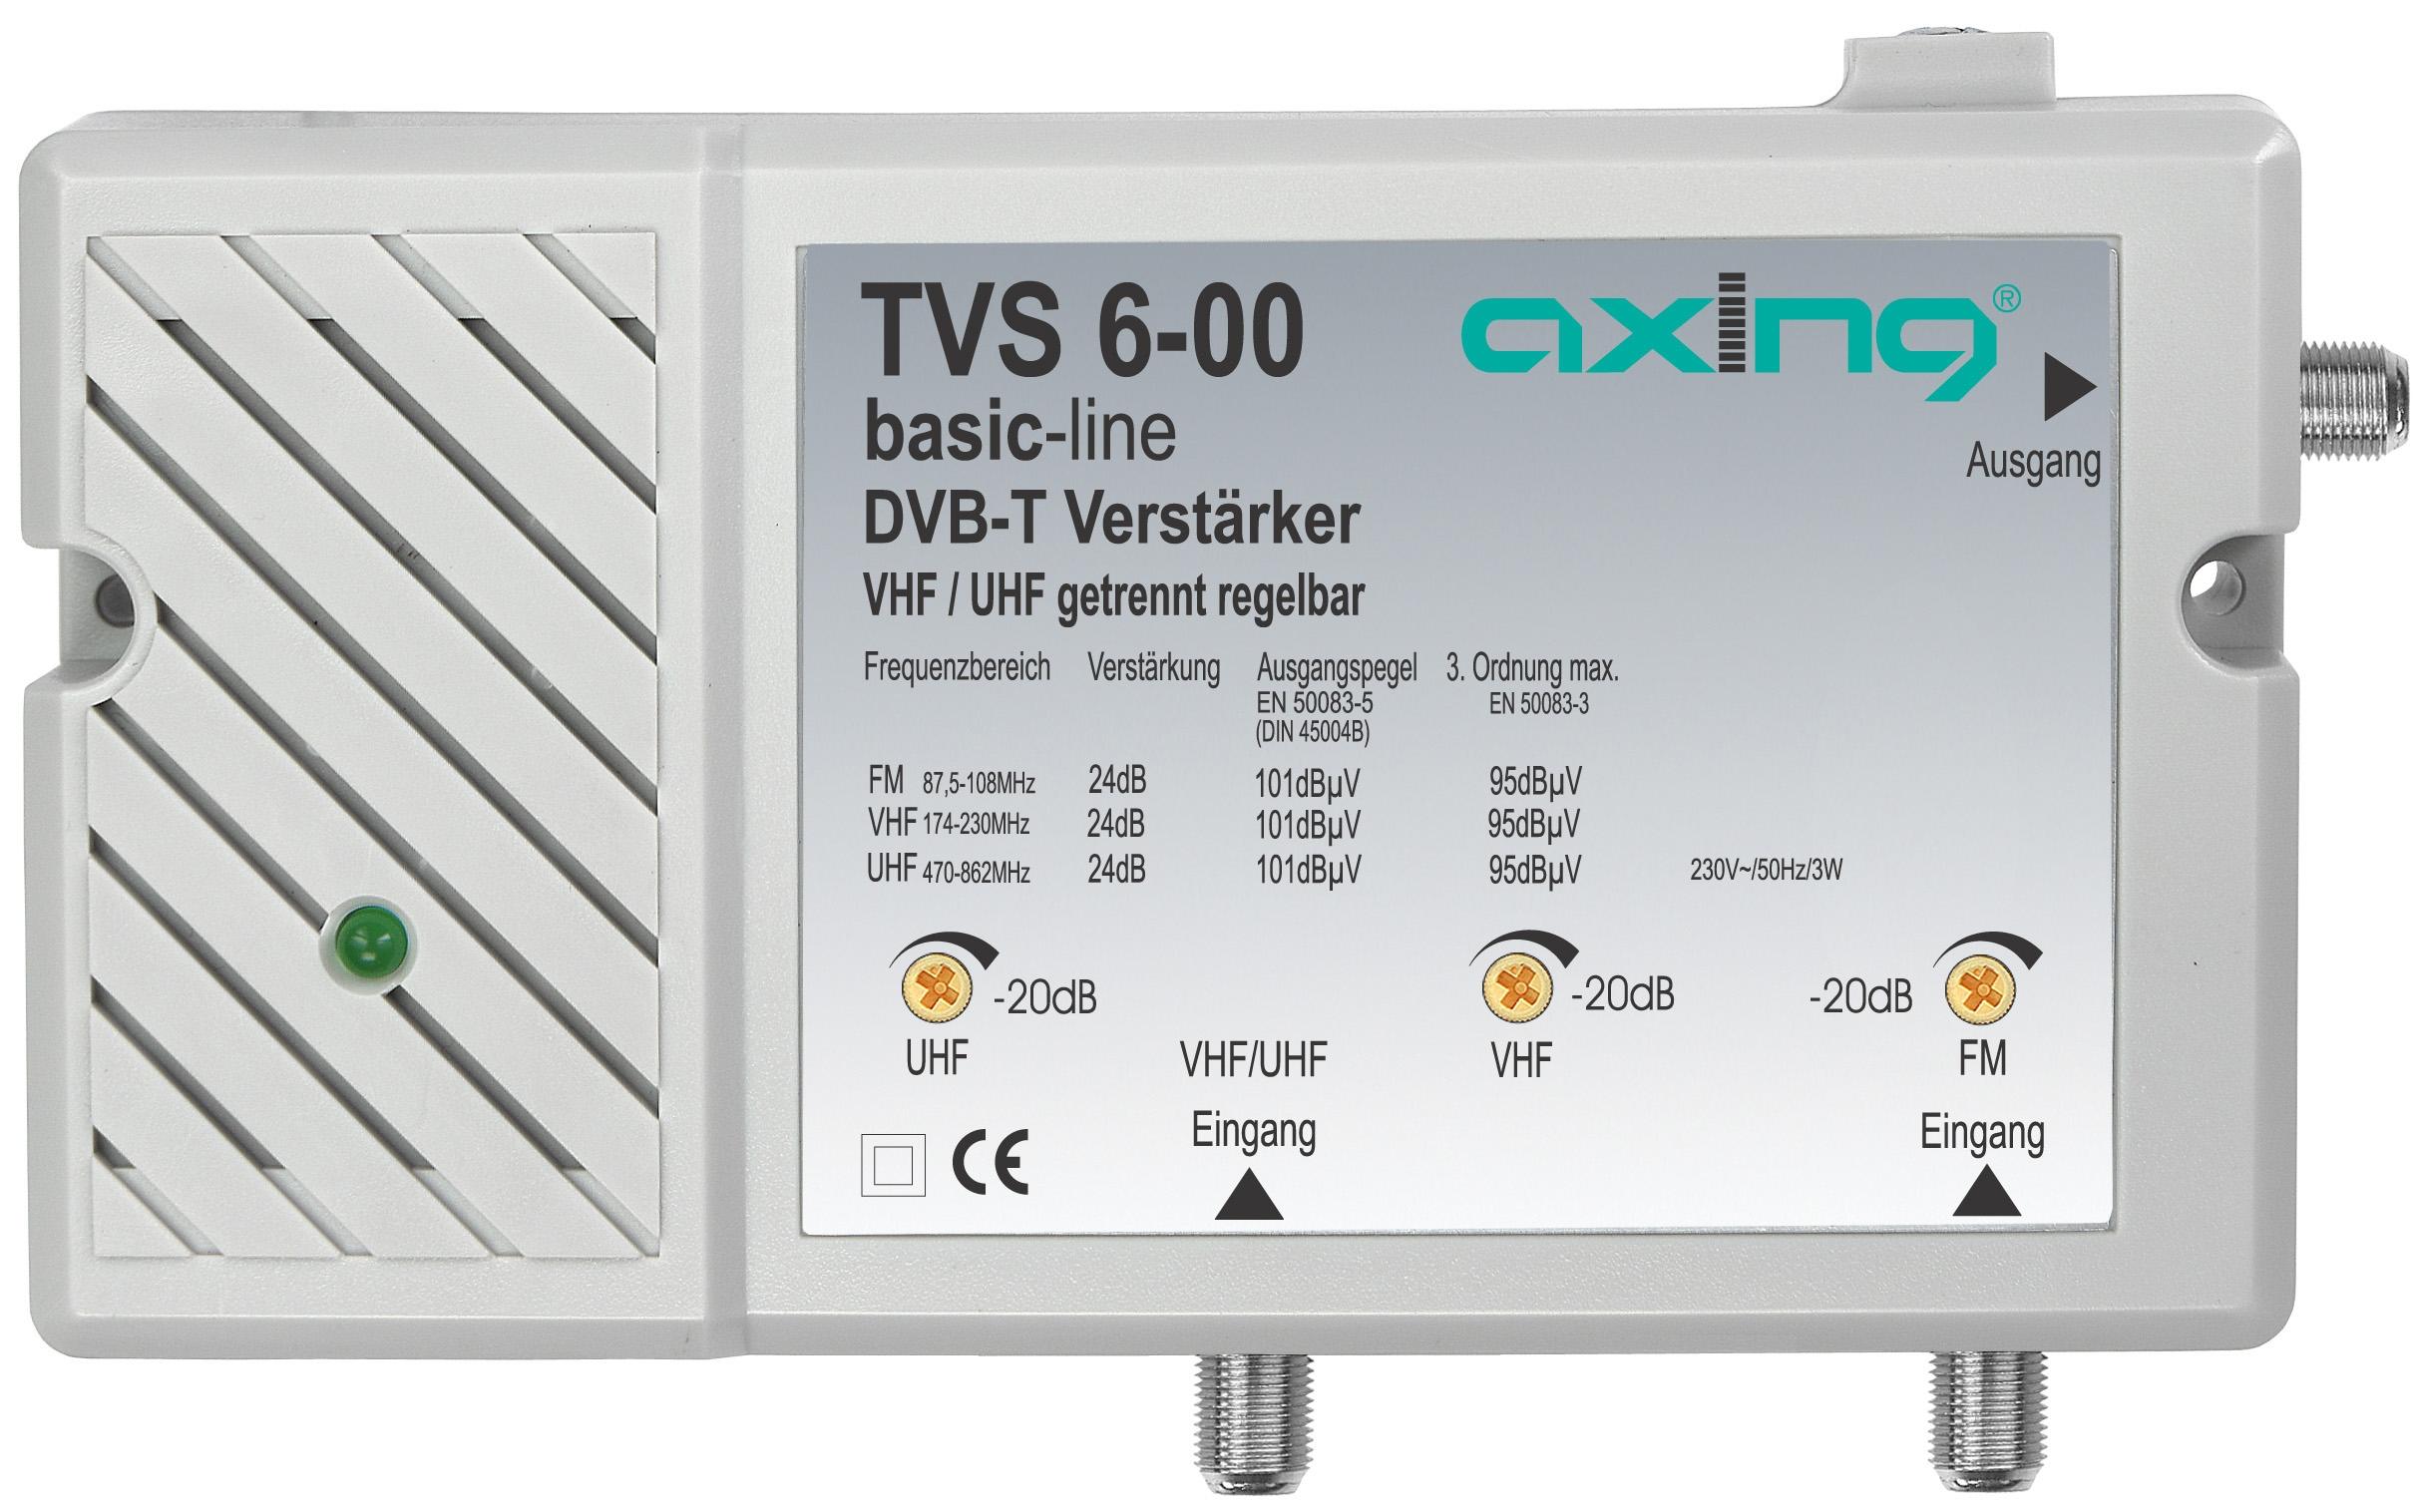 1 Stk DVB-T Verstärker 2 in 1, UKW VHF/UHF einstellbar, TVS 6-00 HSZUVT021A